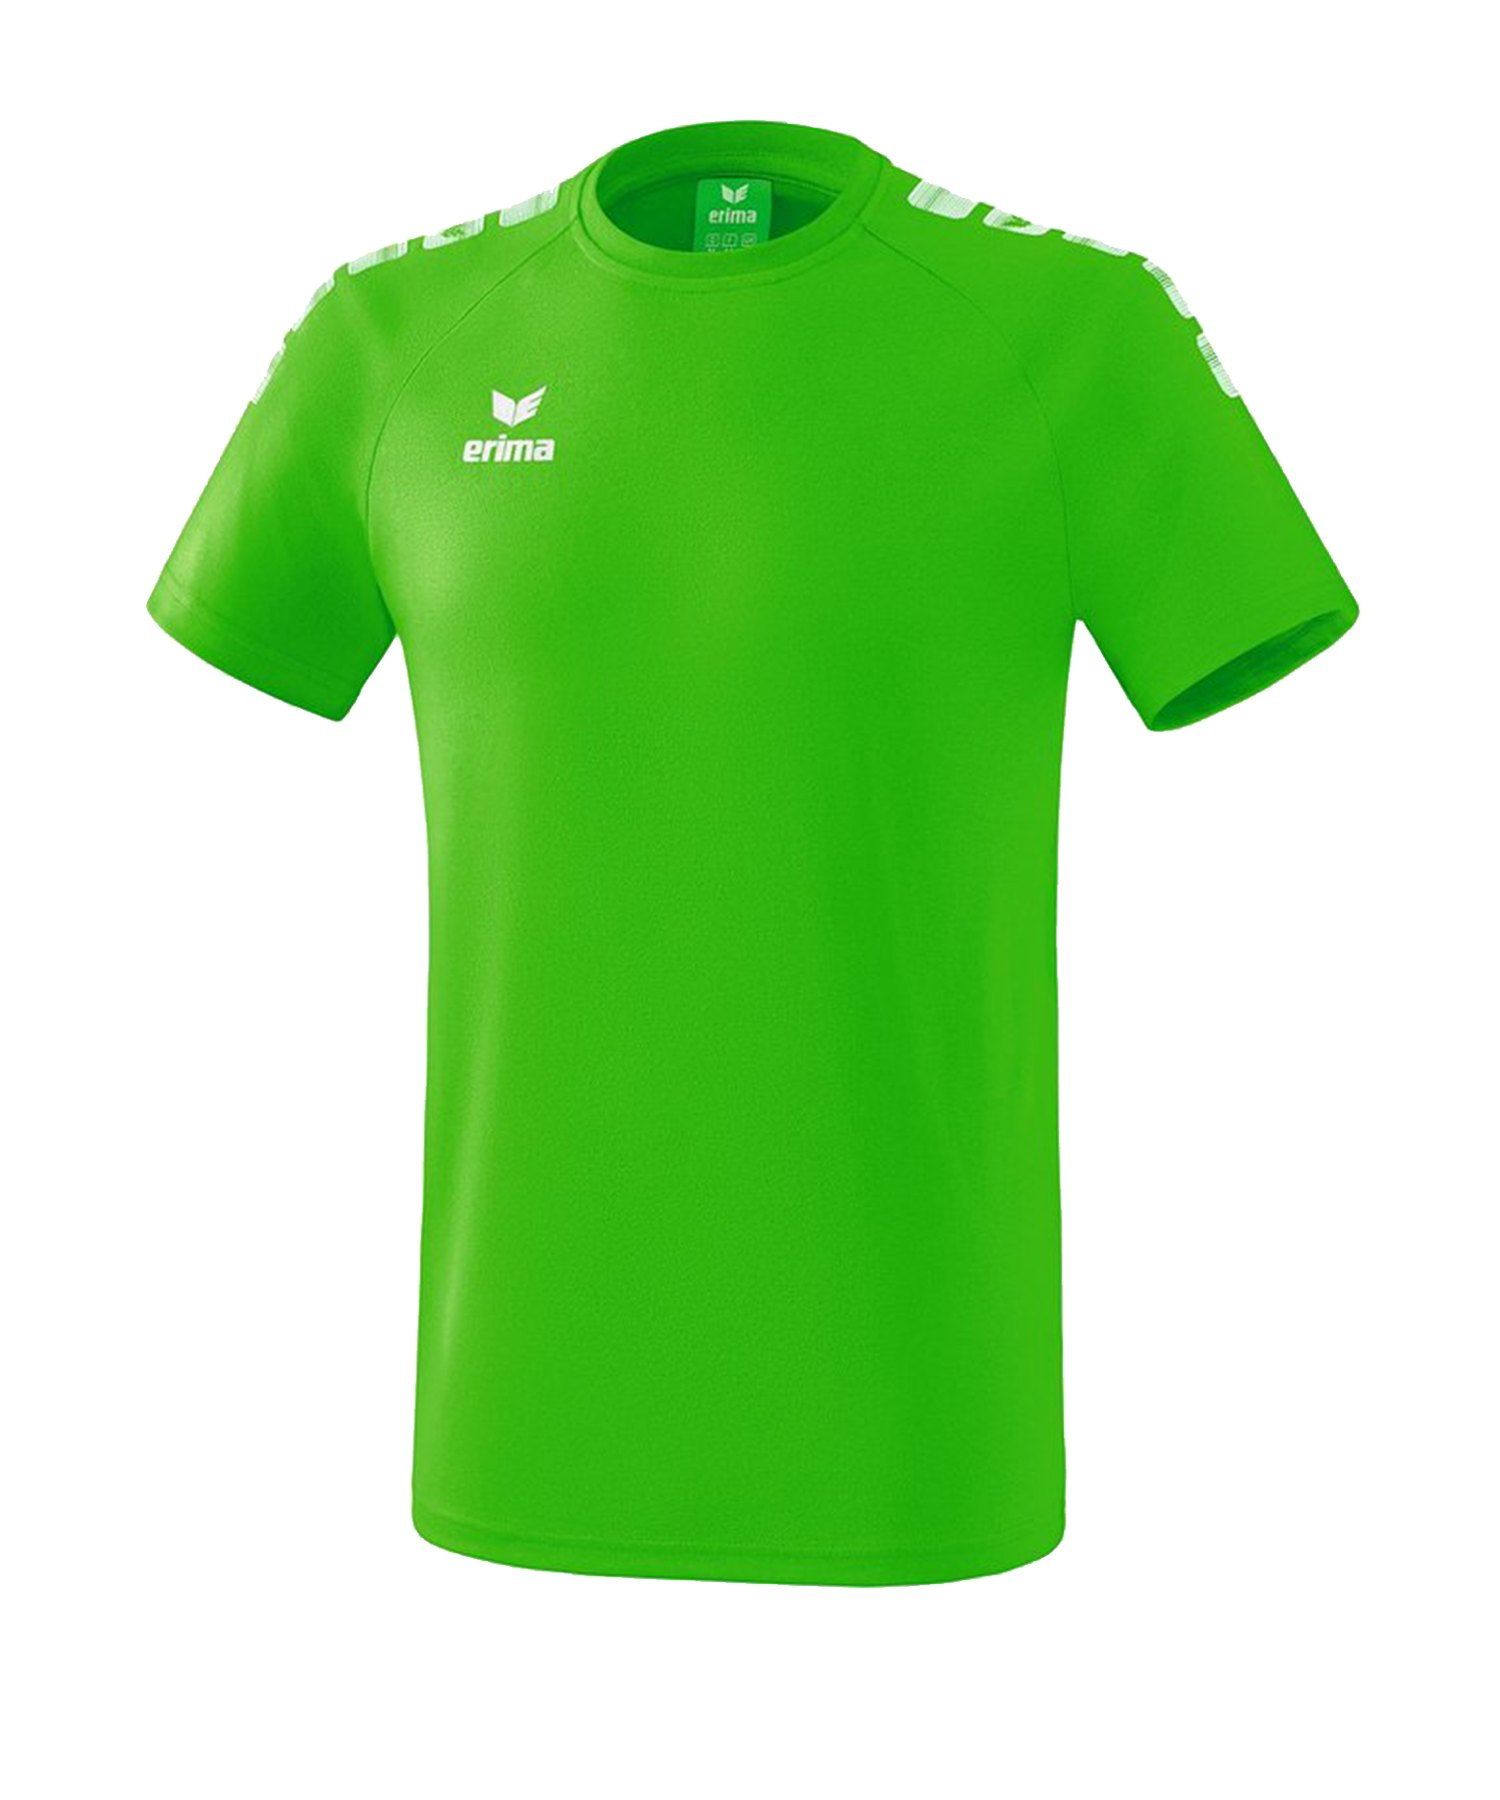 Erima Essential 5-C T-Shirt Grün Weiss - Gruen